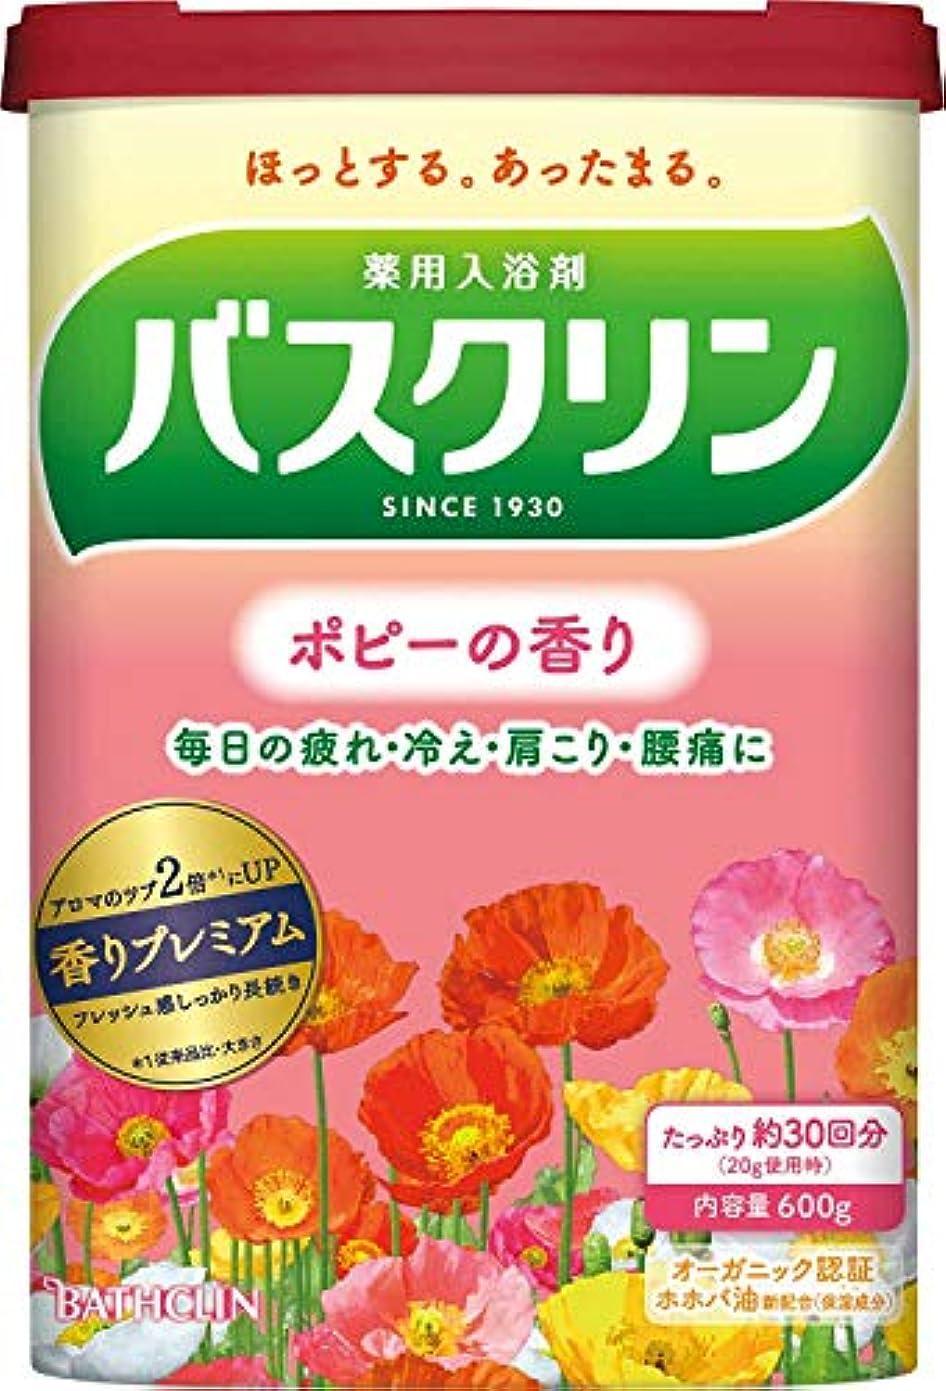 協力するモート援助【医薬部外品】バスクリン入浴剤 ポピーの香り600g(約30回分) 疲労回復